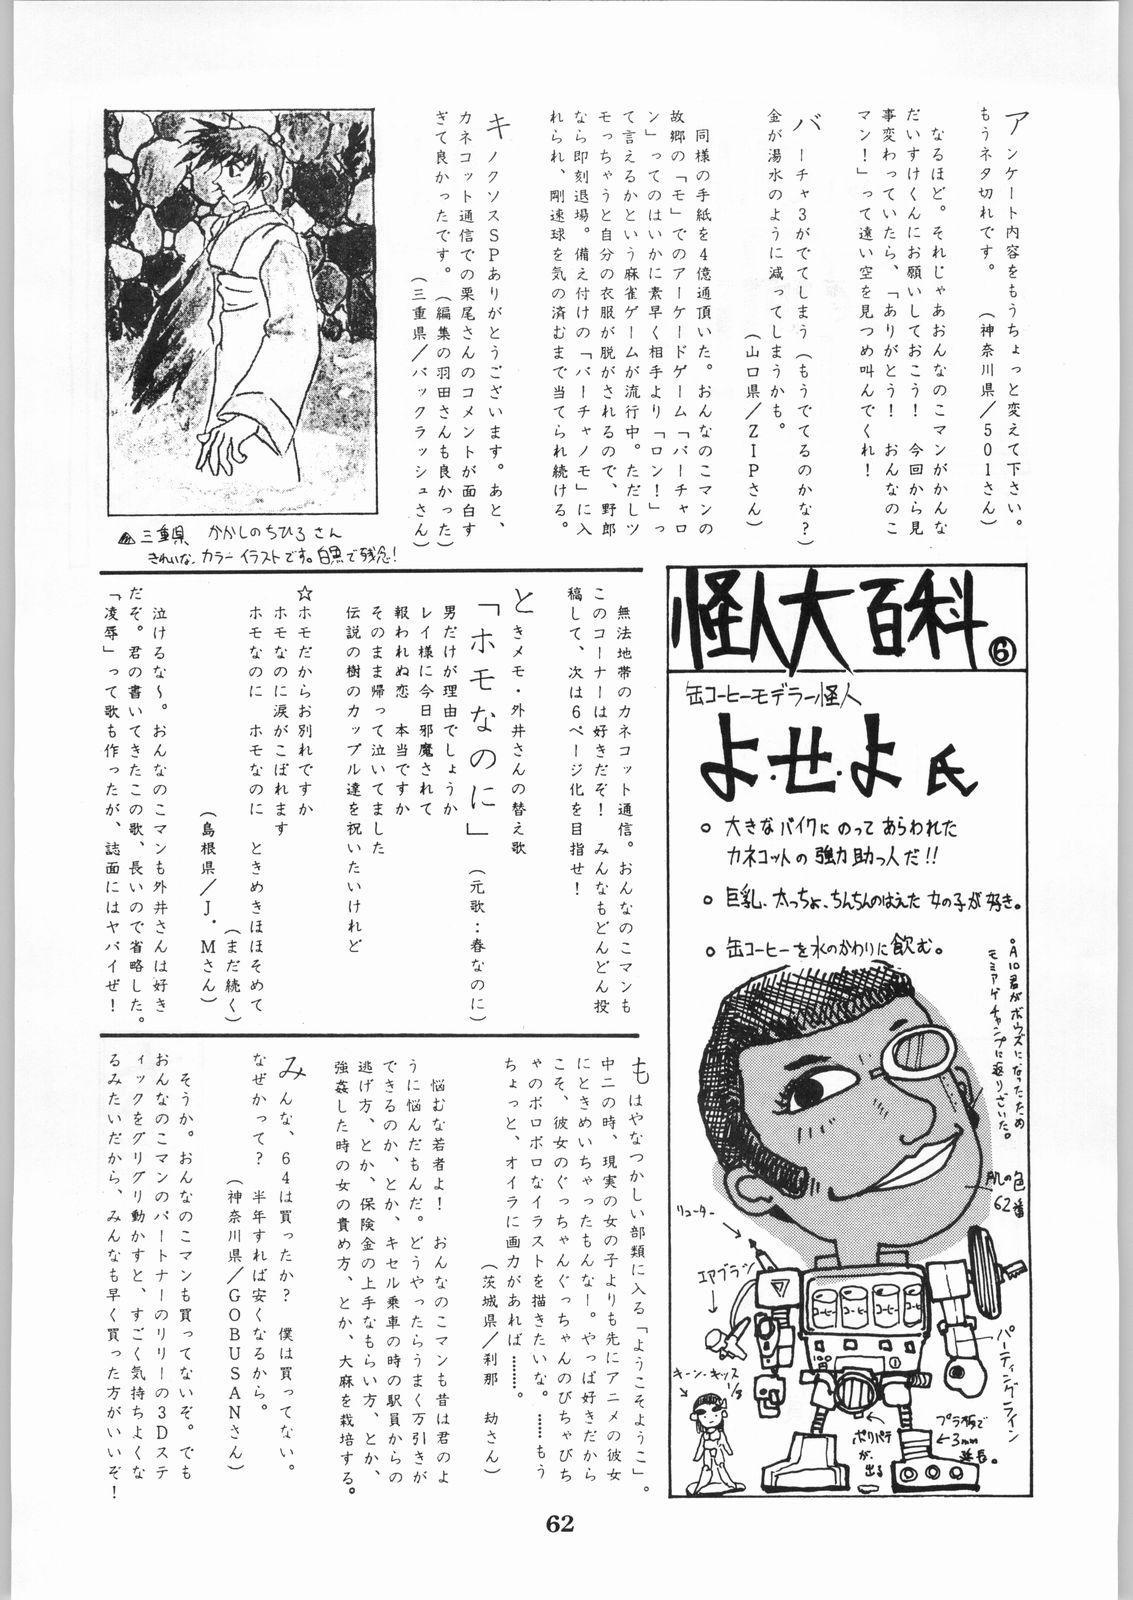 Shikiyoku Hokkedan 8 61